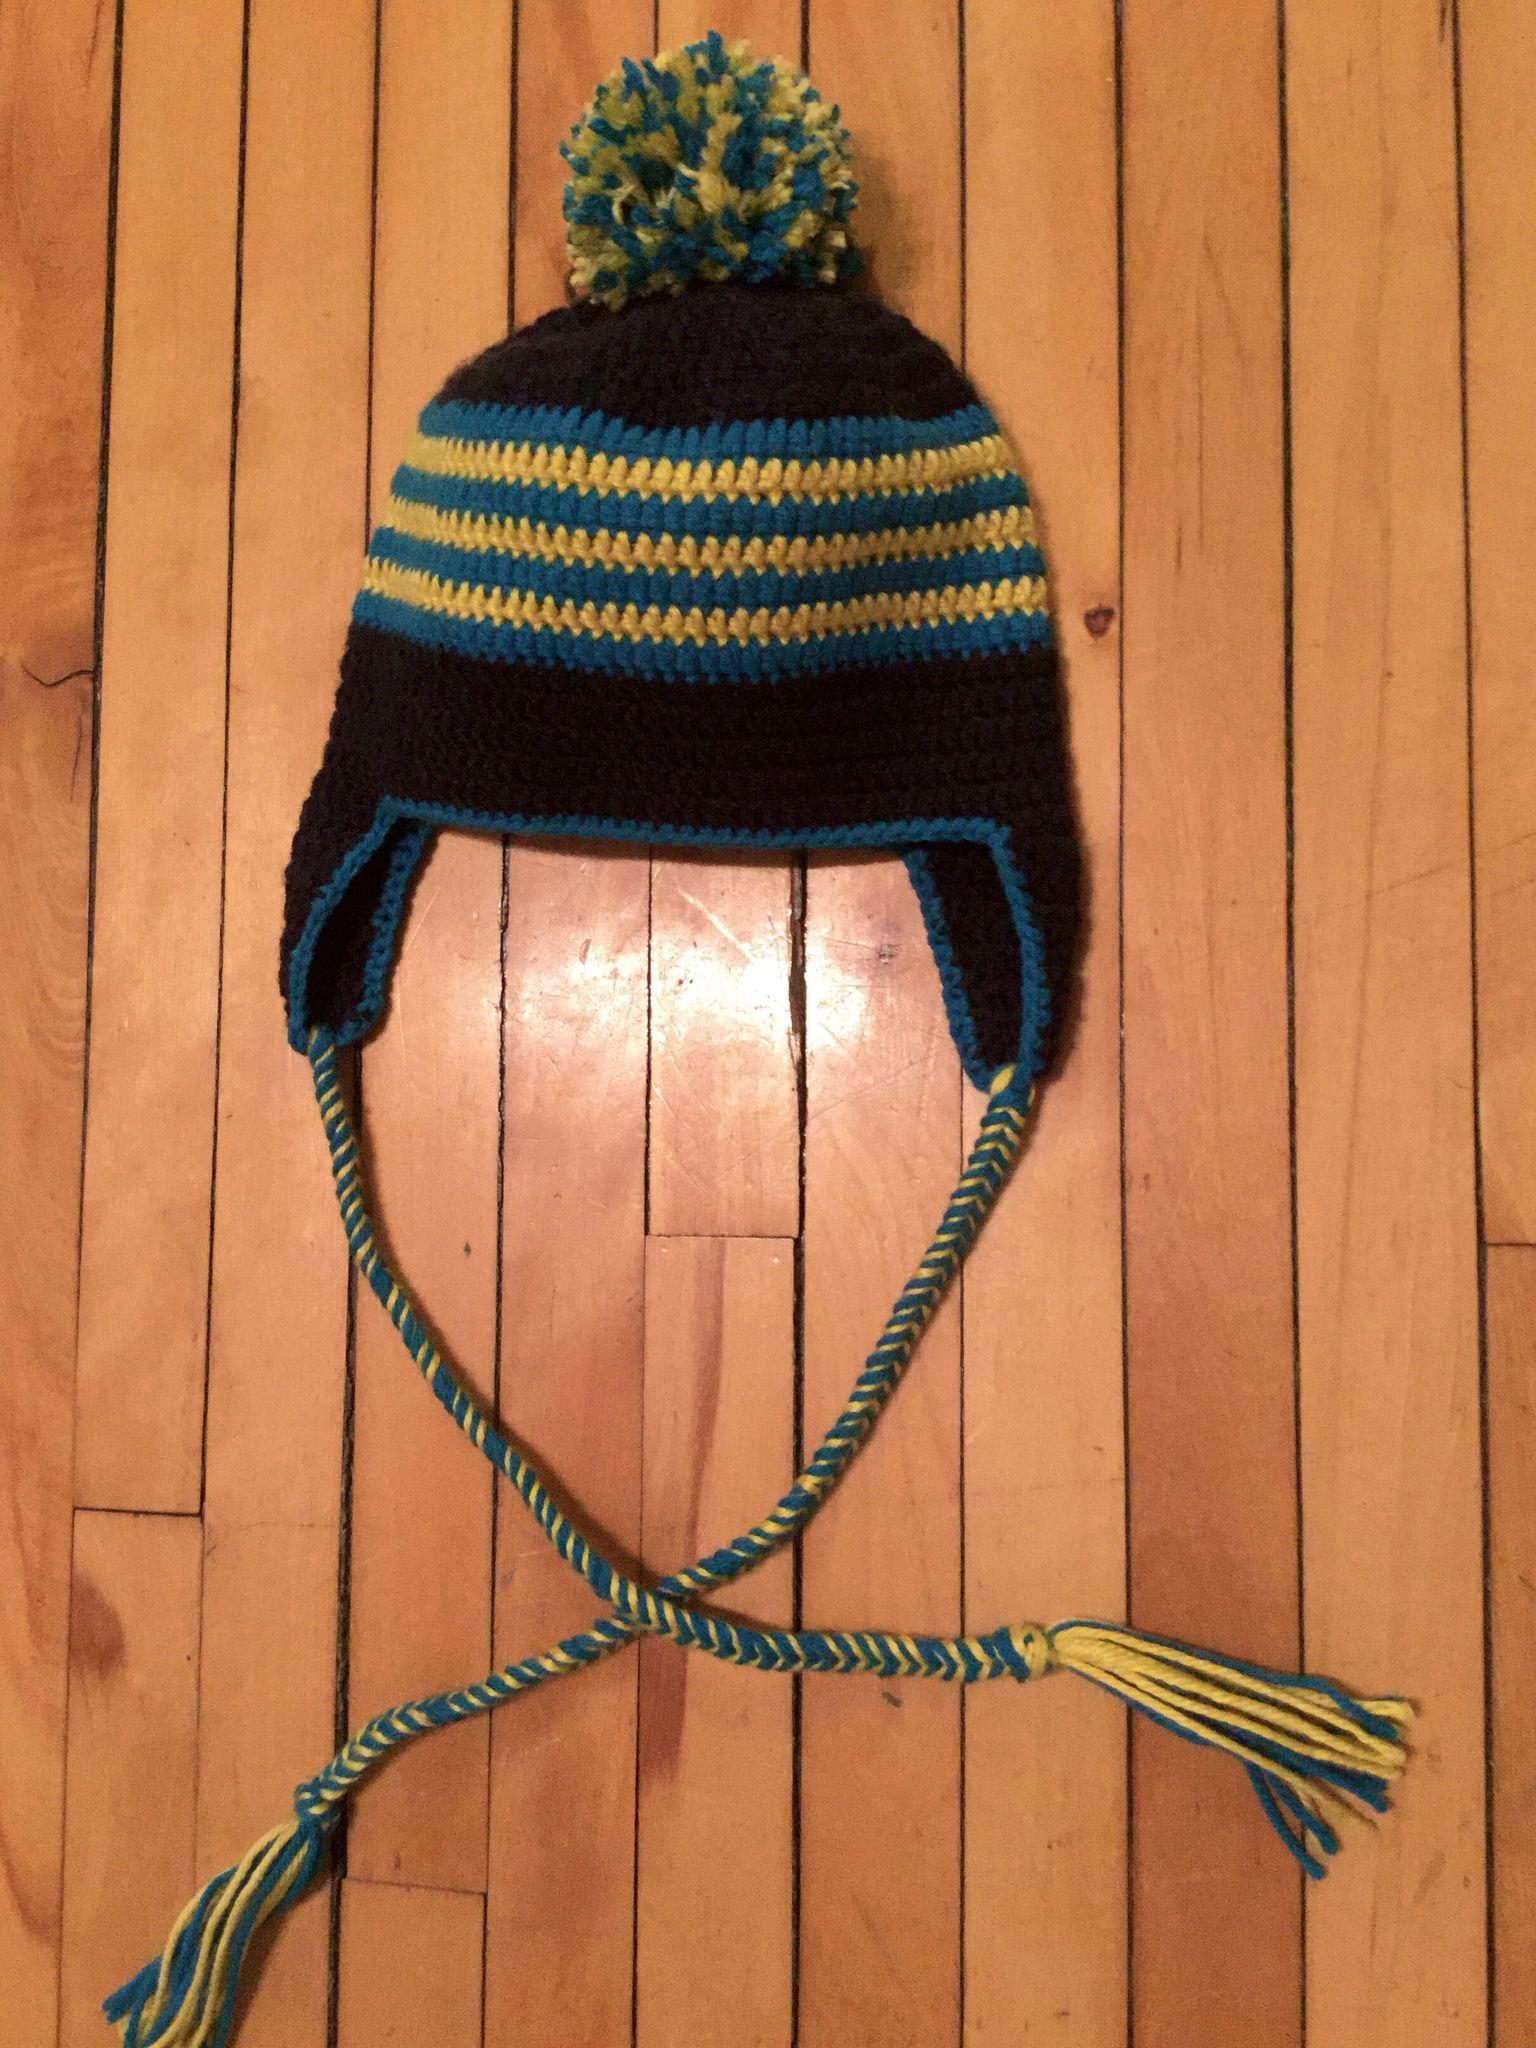 Tuque au crochet pour garçon avec pompon - bleu et jaune | Crochet ...